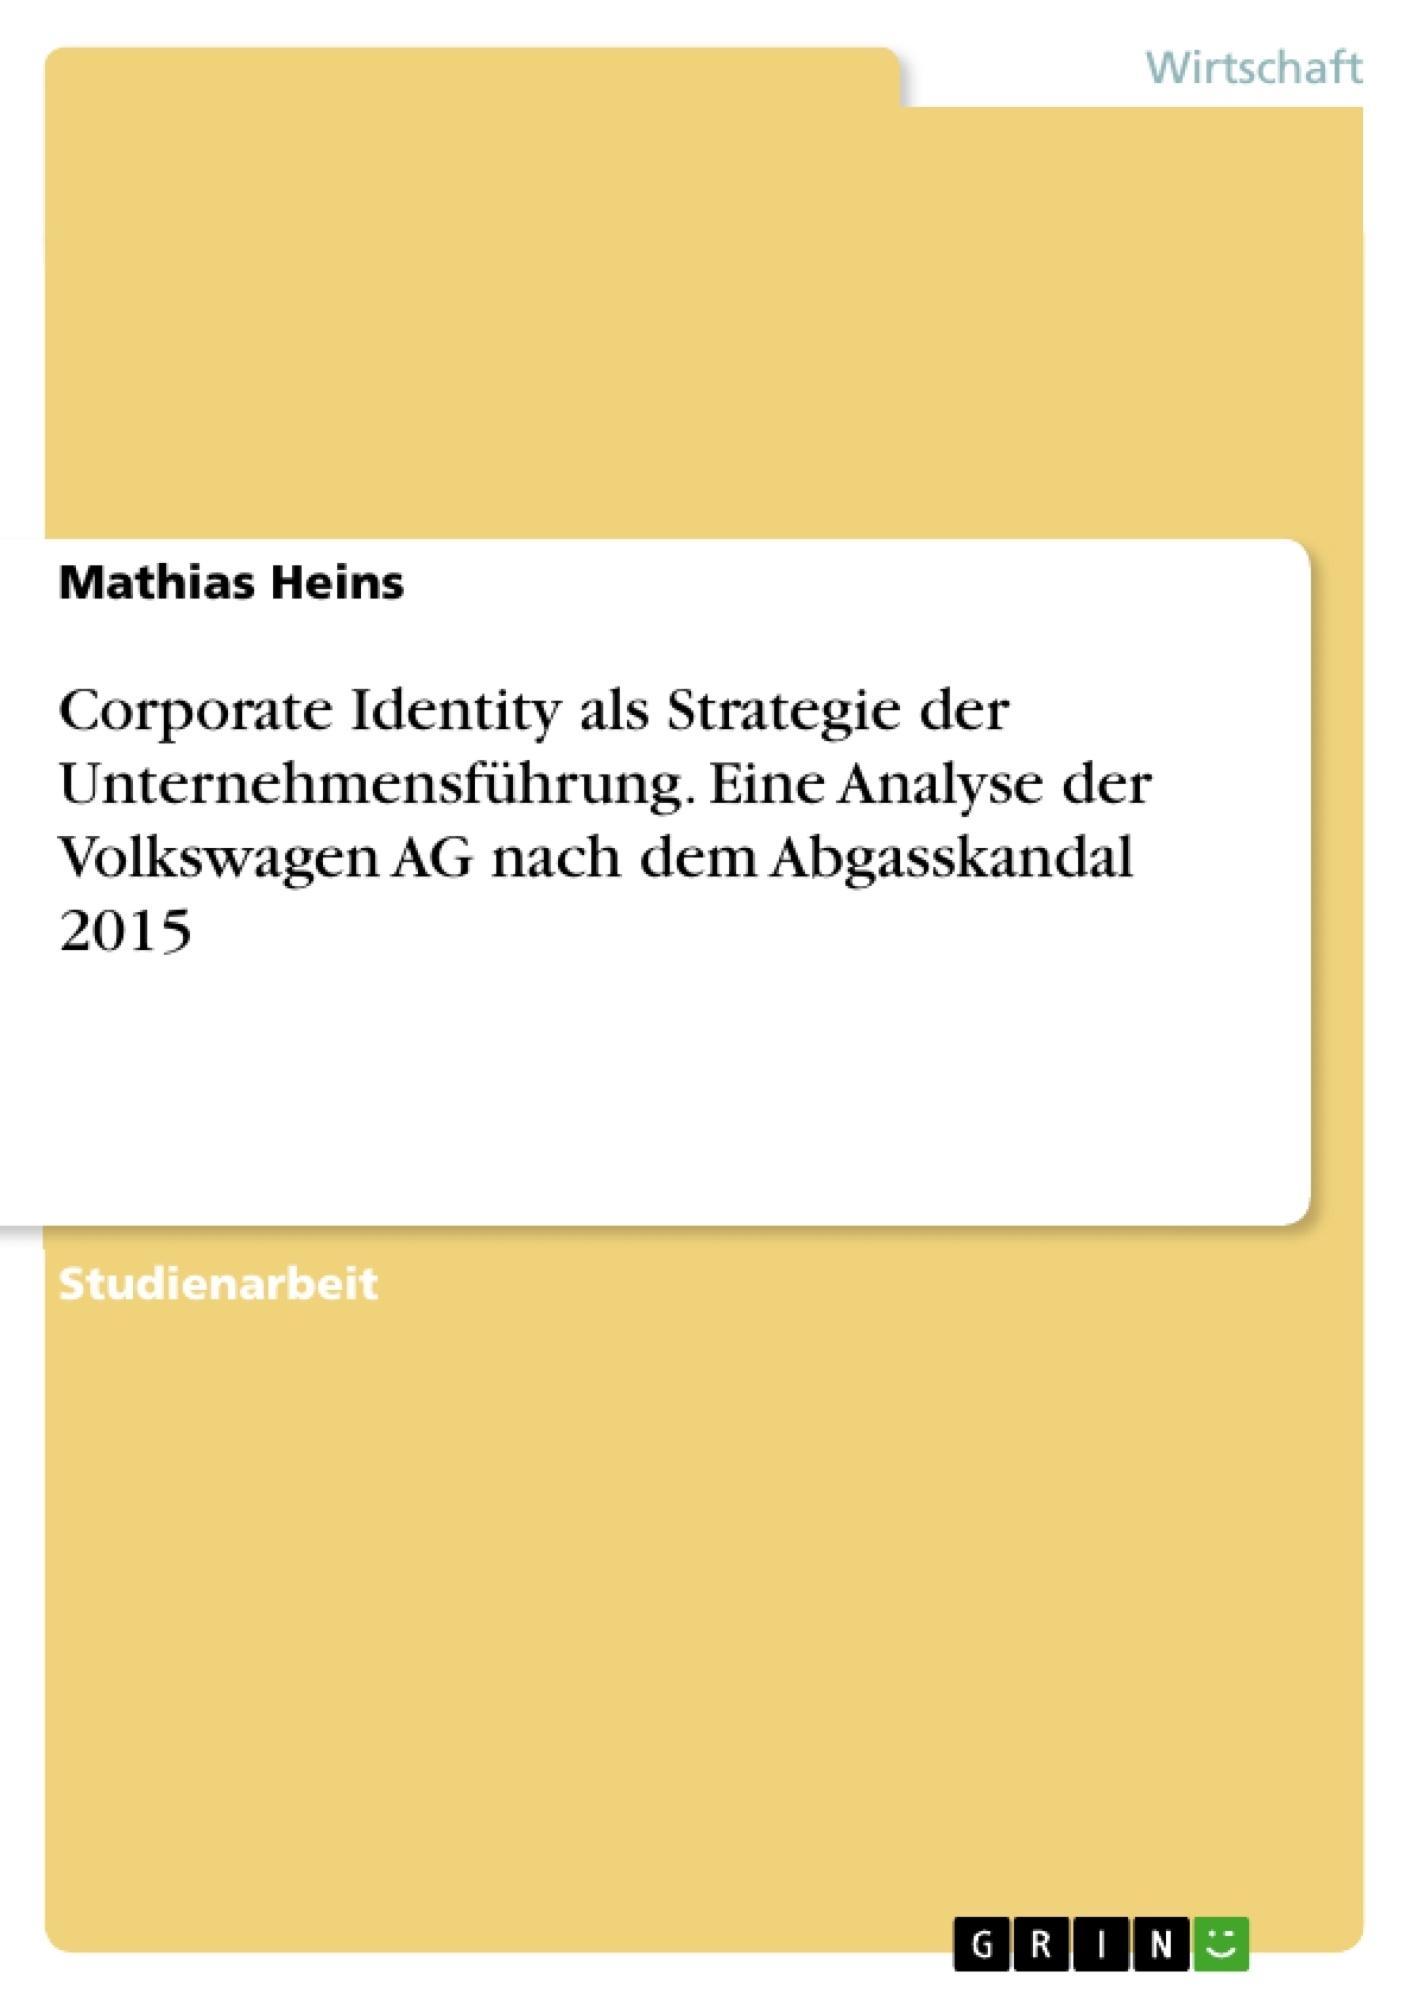 Titel: Corporate Identity als Strategie der Unternehmensführung. Eine Analyse der Volkswagen AG nach dem Abgasskandal 2015